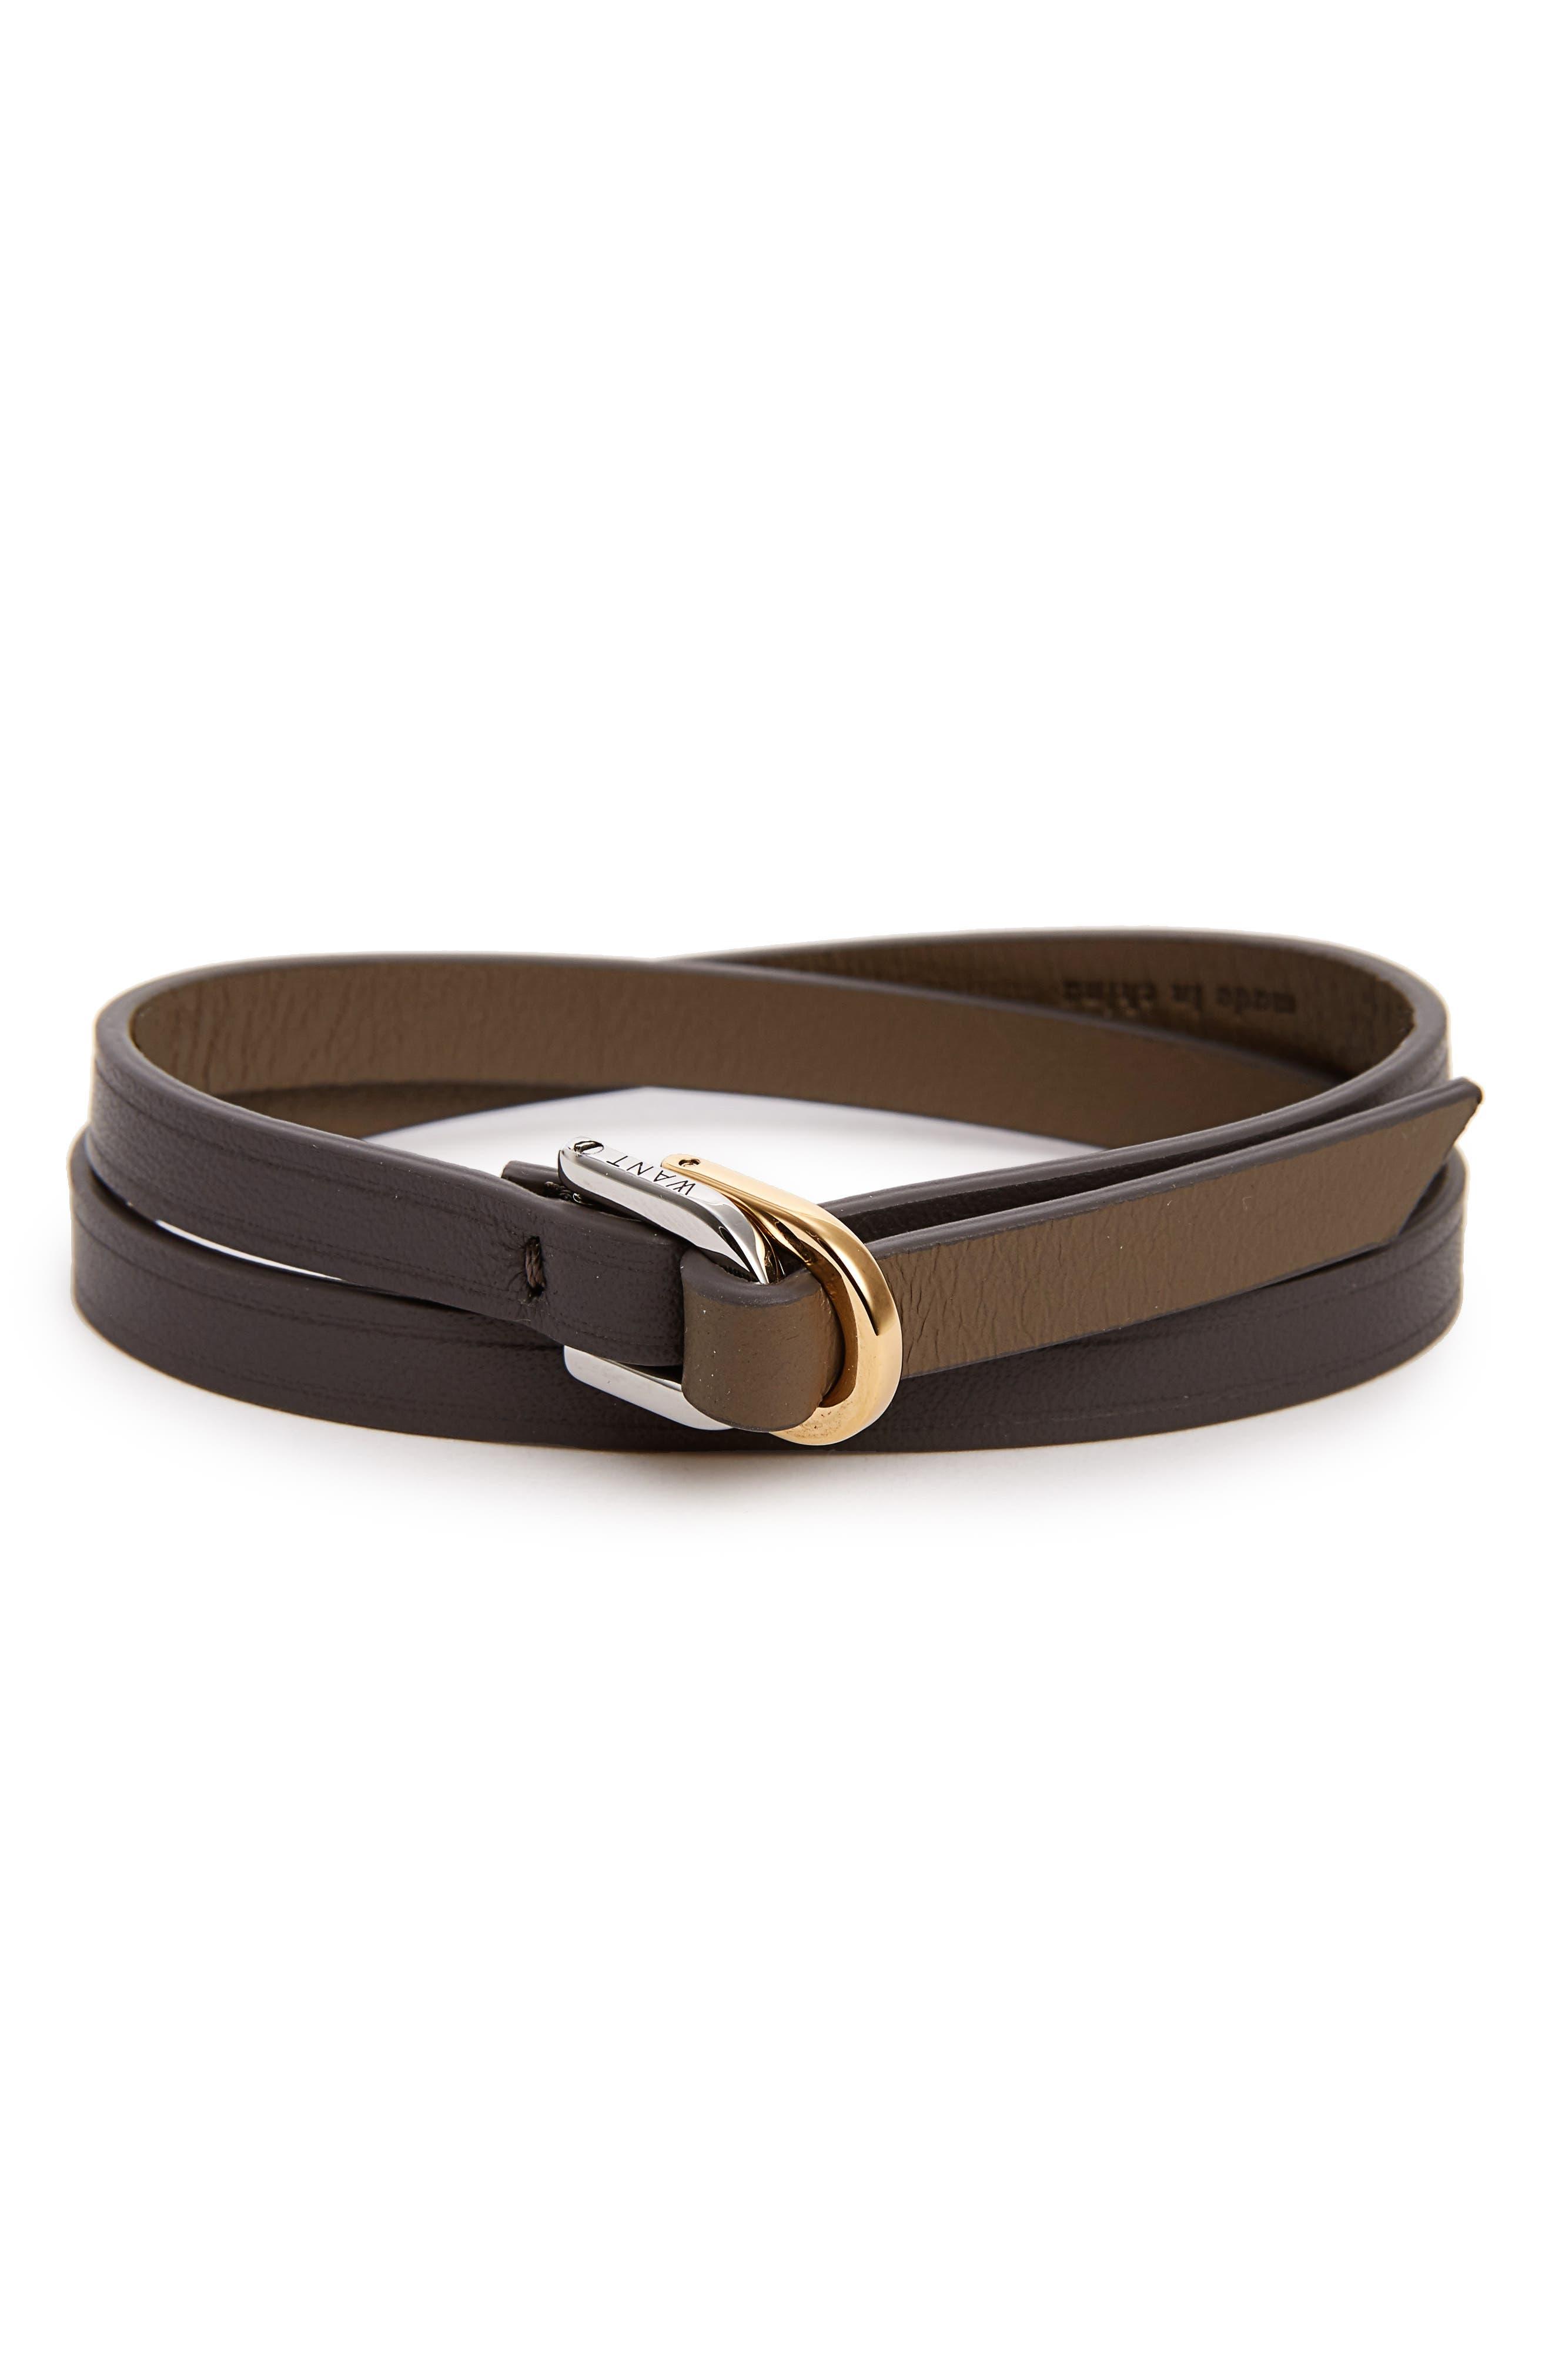 de la Vie 'Arlanda' Two-Tone Leather Wrap Bracelet,                             Main thumbnail 1, color,                             032